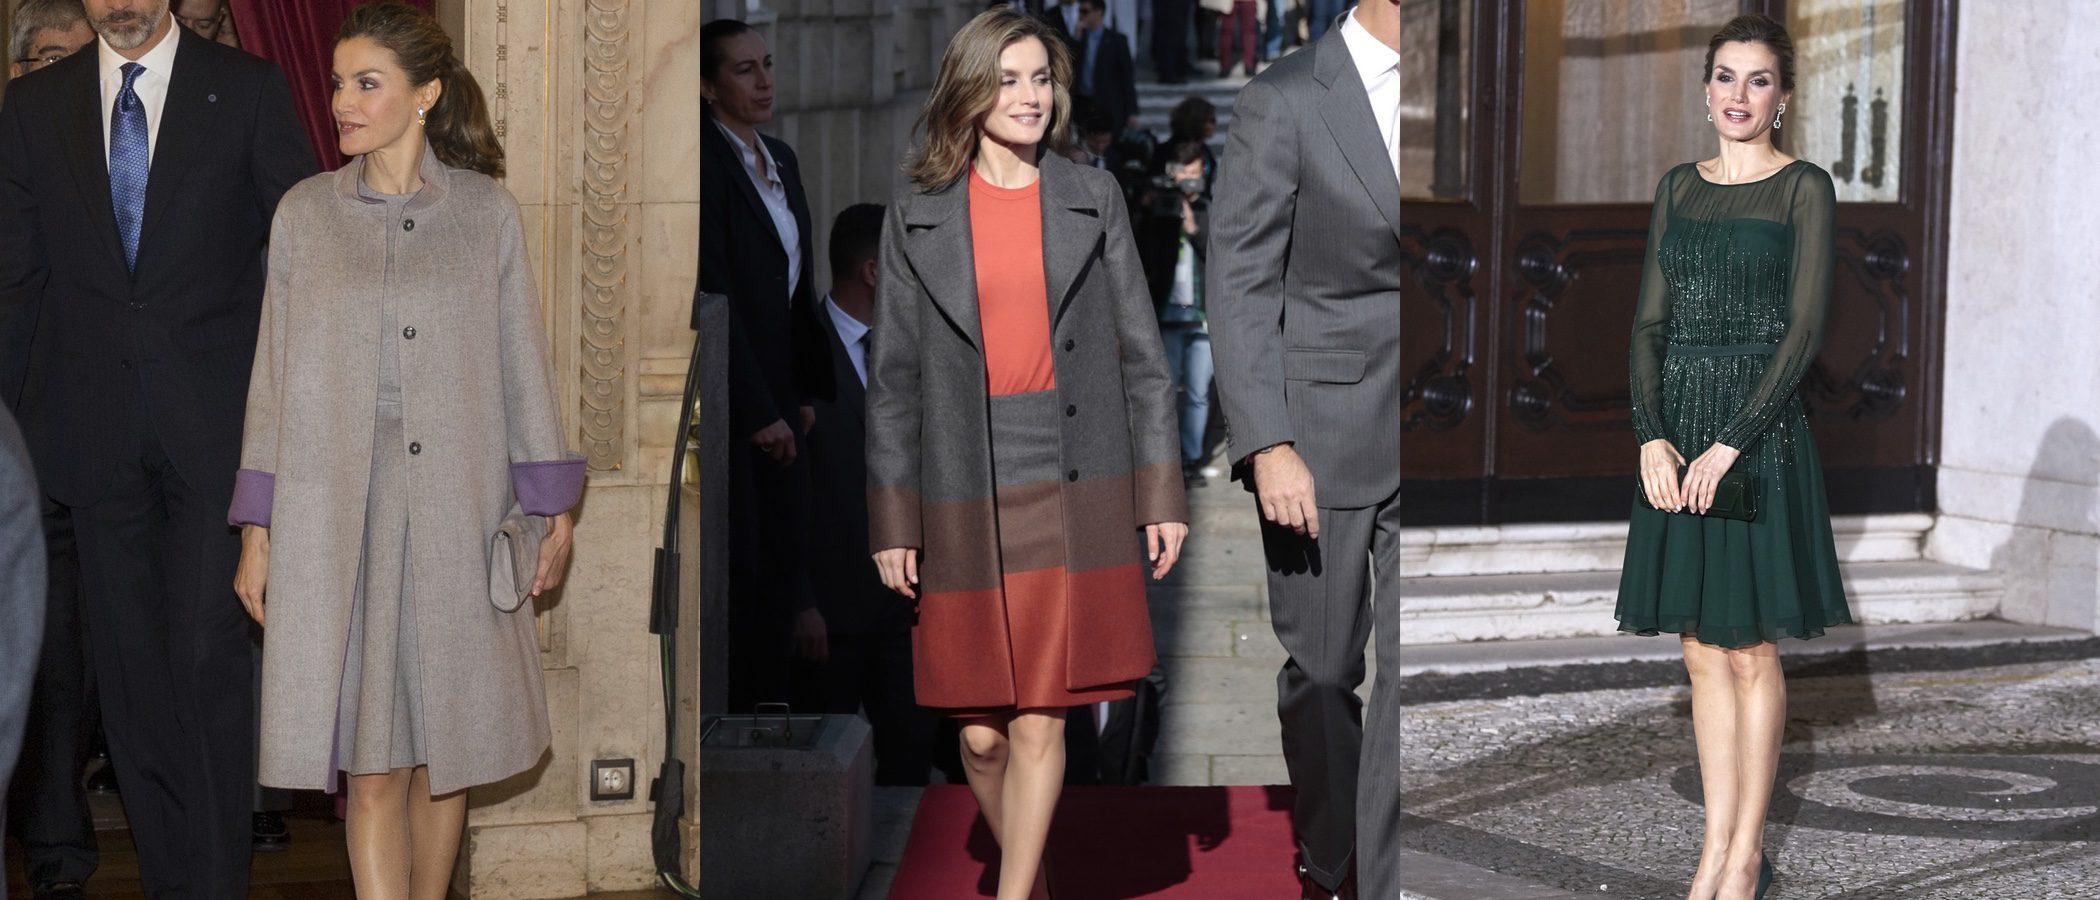 La Reina Letizia da una lección de estilo entre looks repetidos en su viaje de Estado a Portugal